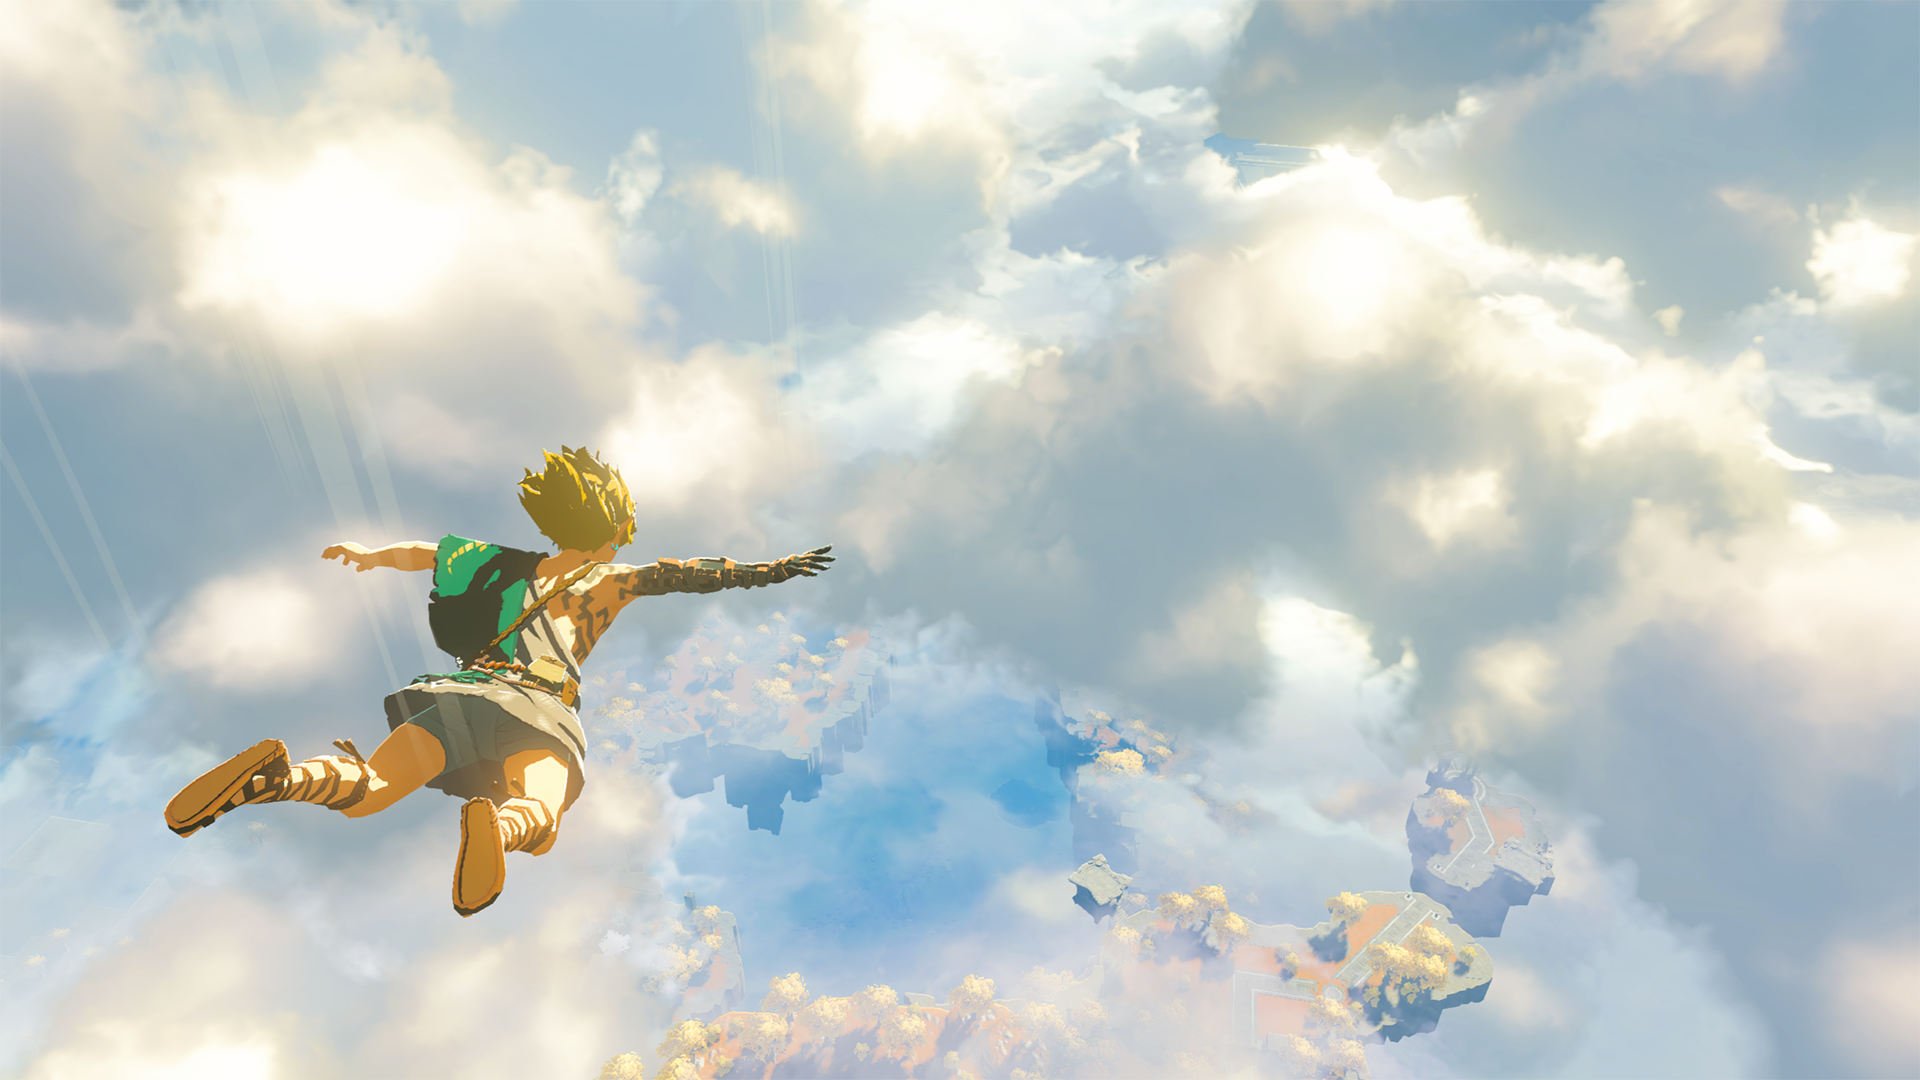 The Legend of Zelda Breath of the Wild Sequel 2021 06 15 21 001